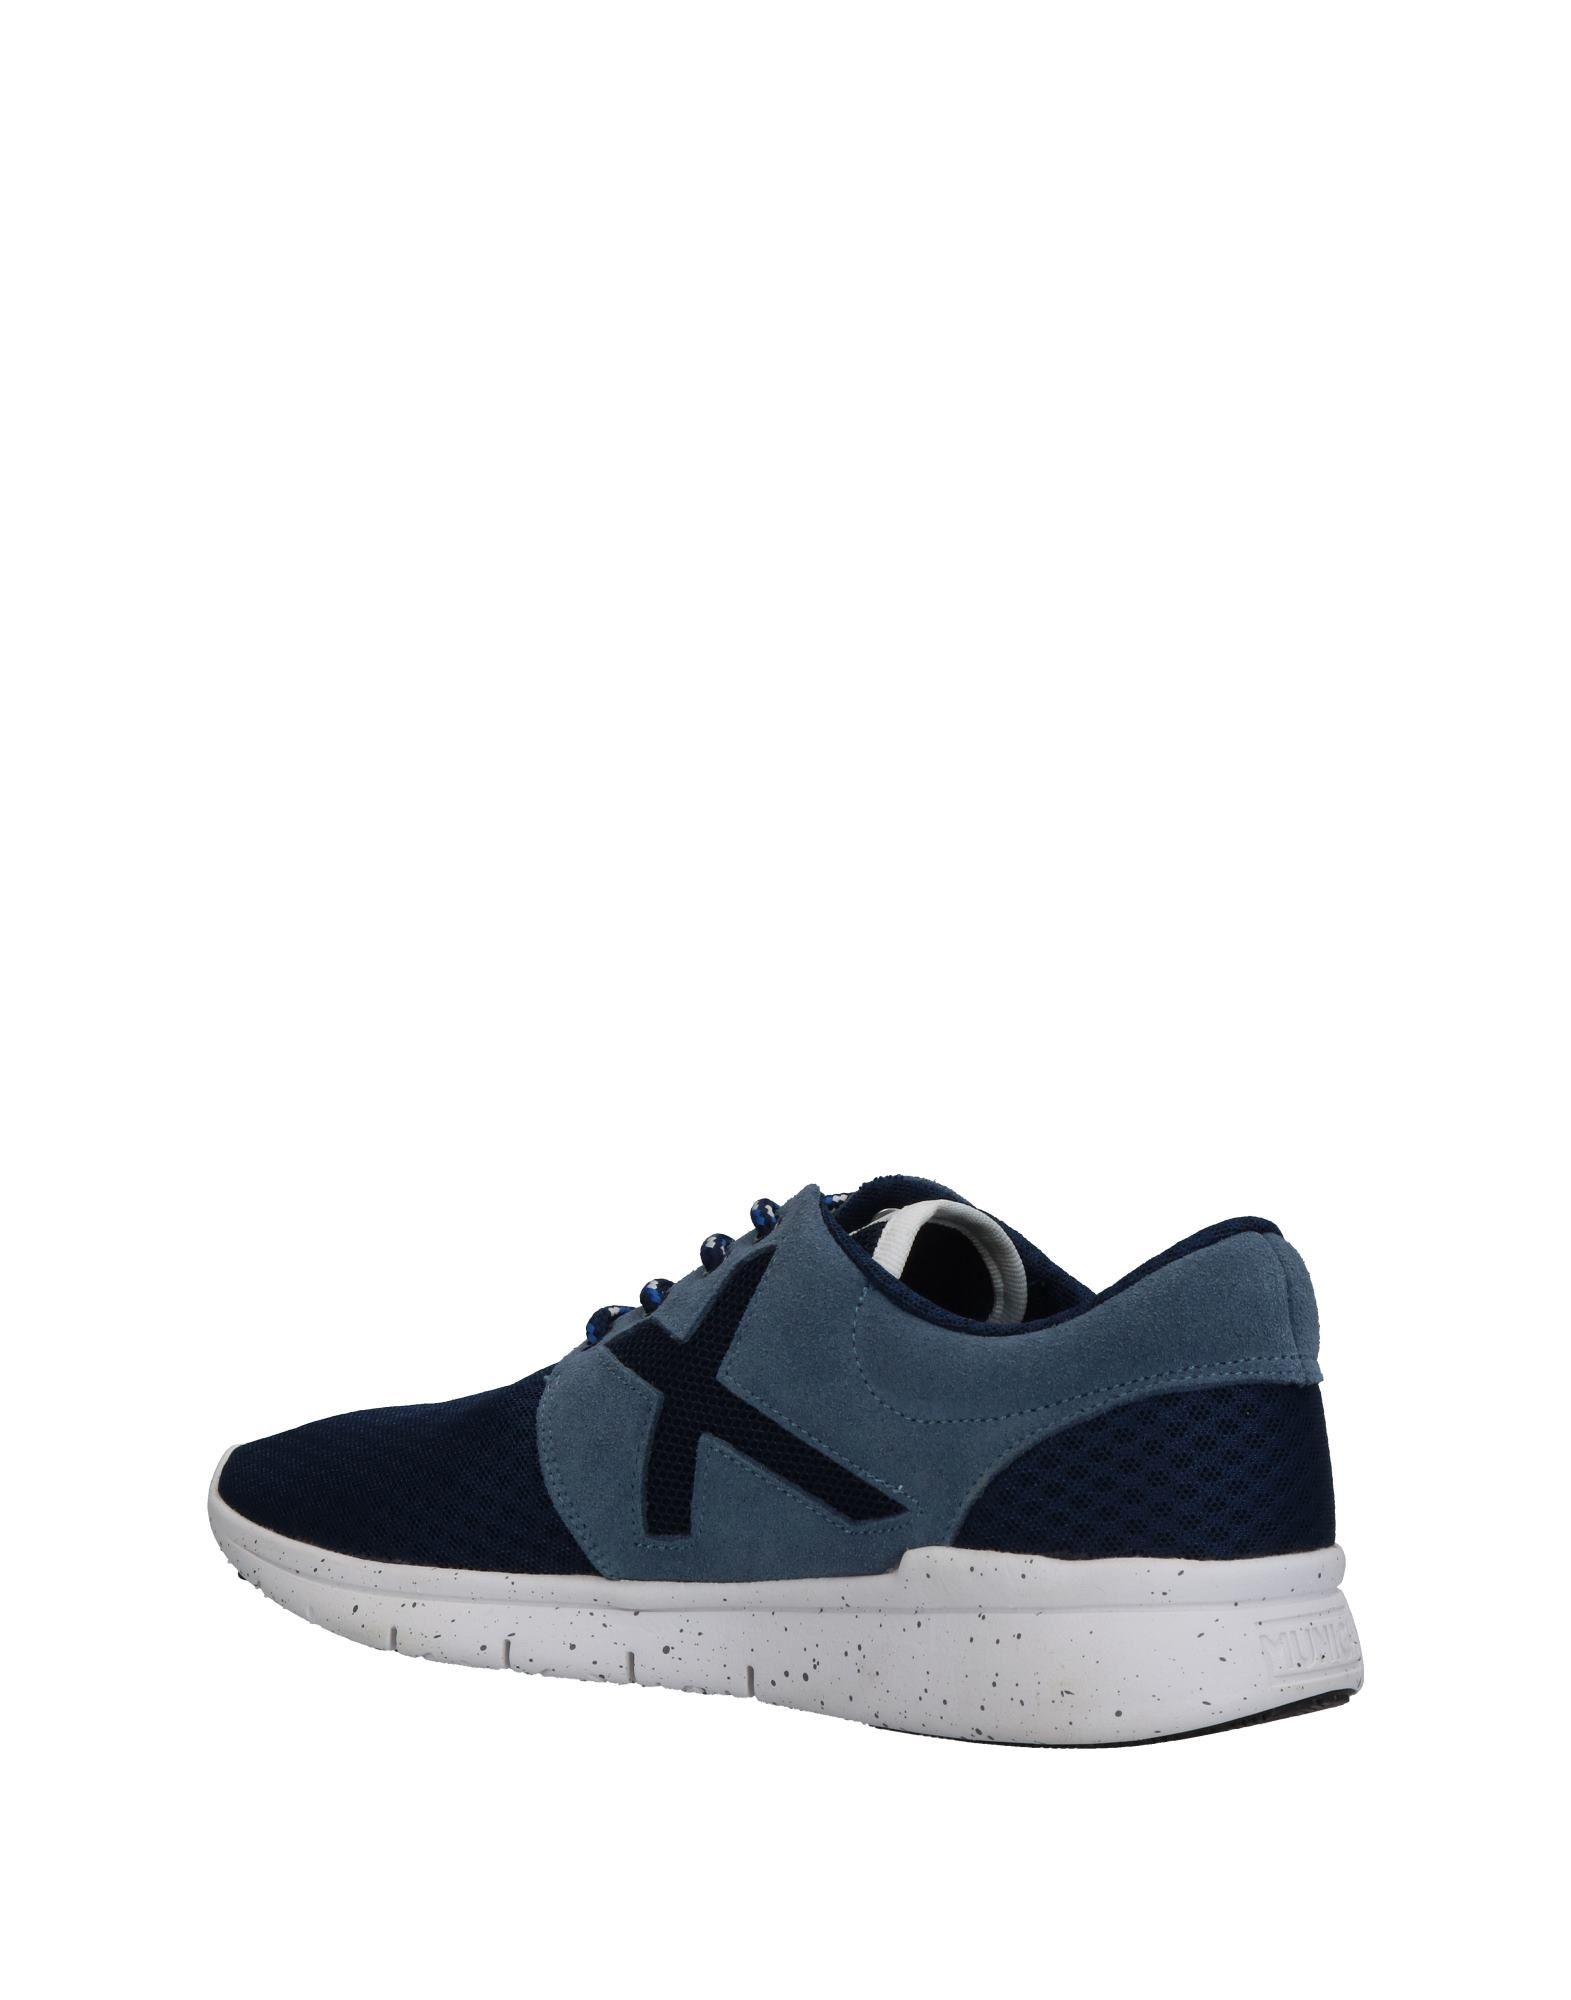 Munich Munich  Sneakers Herren  11348048MK Heiße Schuhe 19ef7d